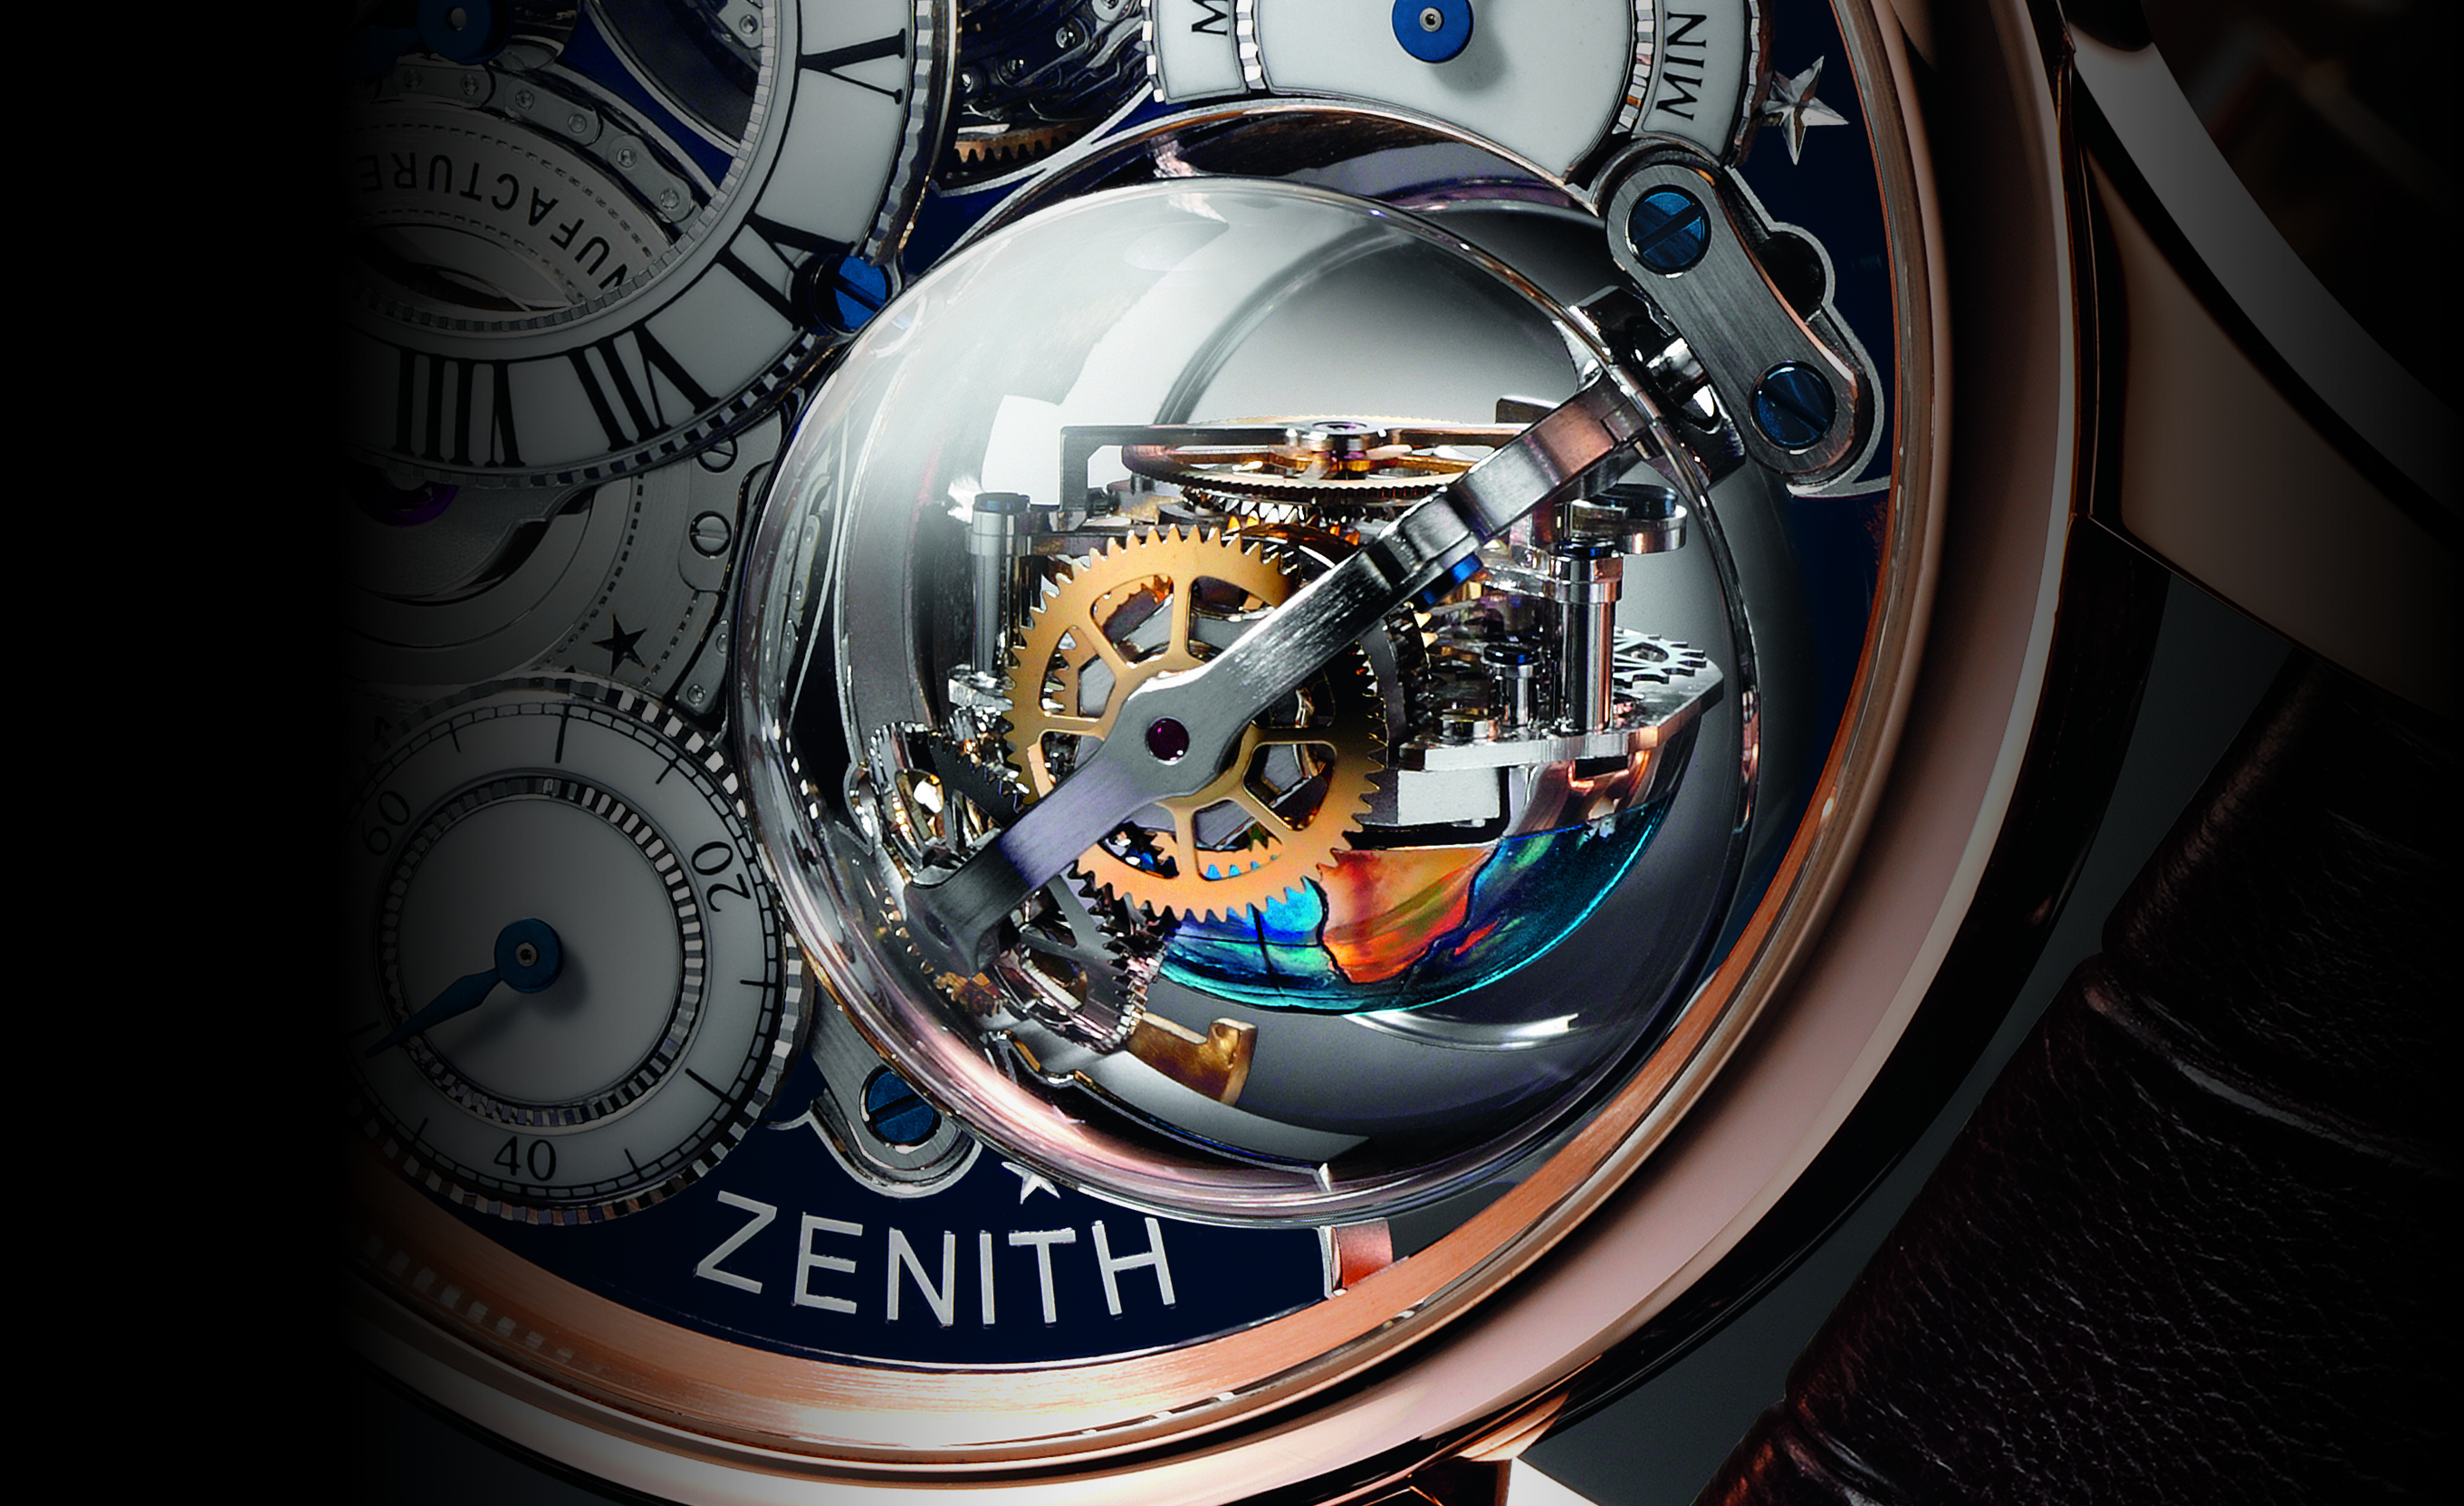 Zenith Academy Christophe Colomb Hurricane Grand Voyage II :